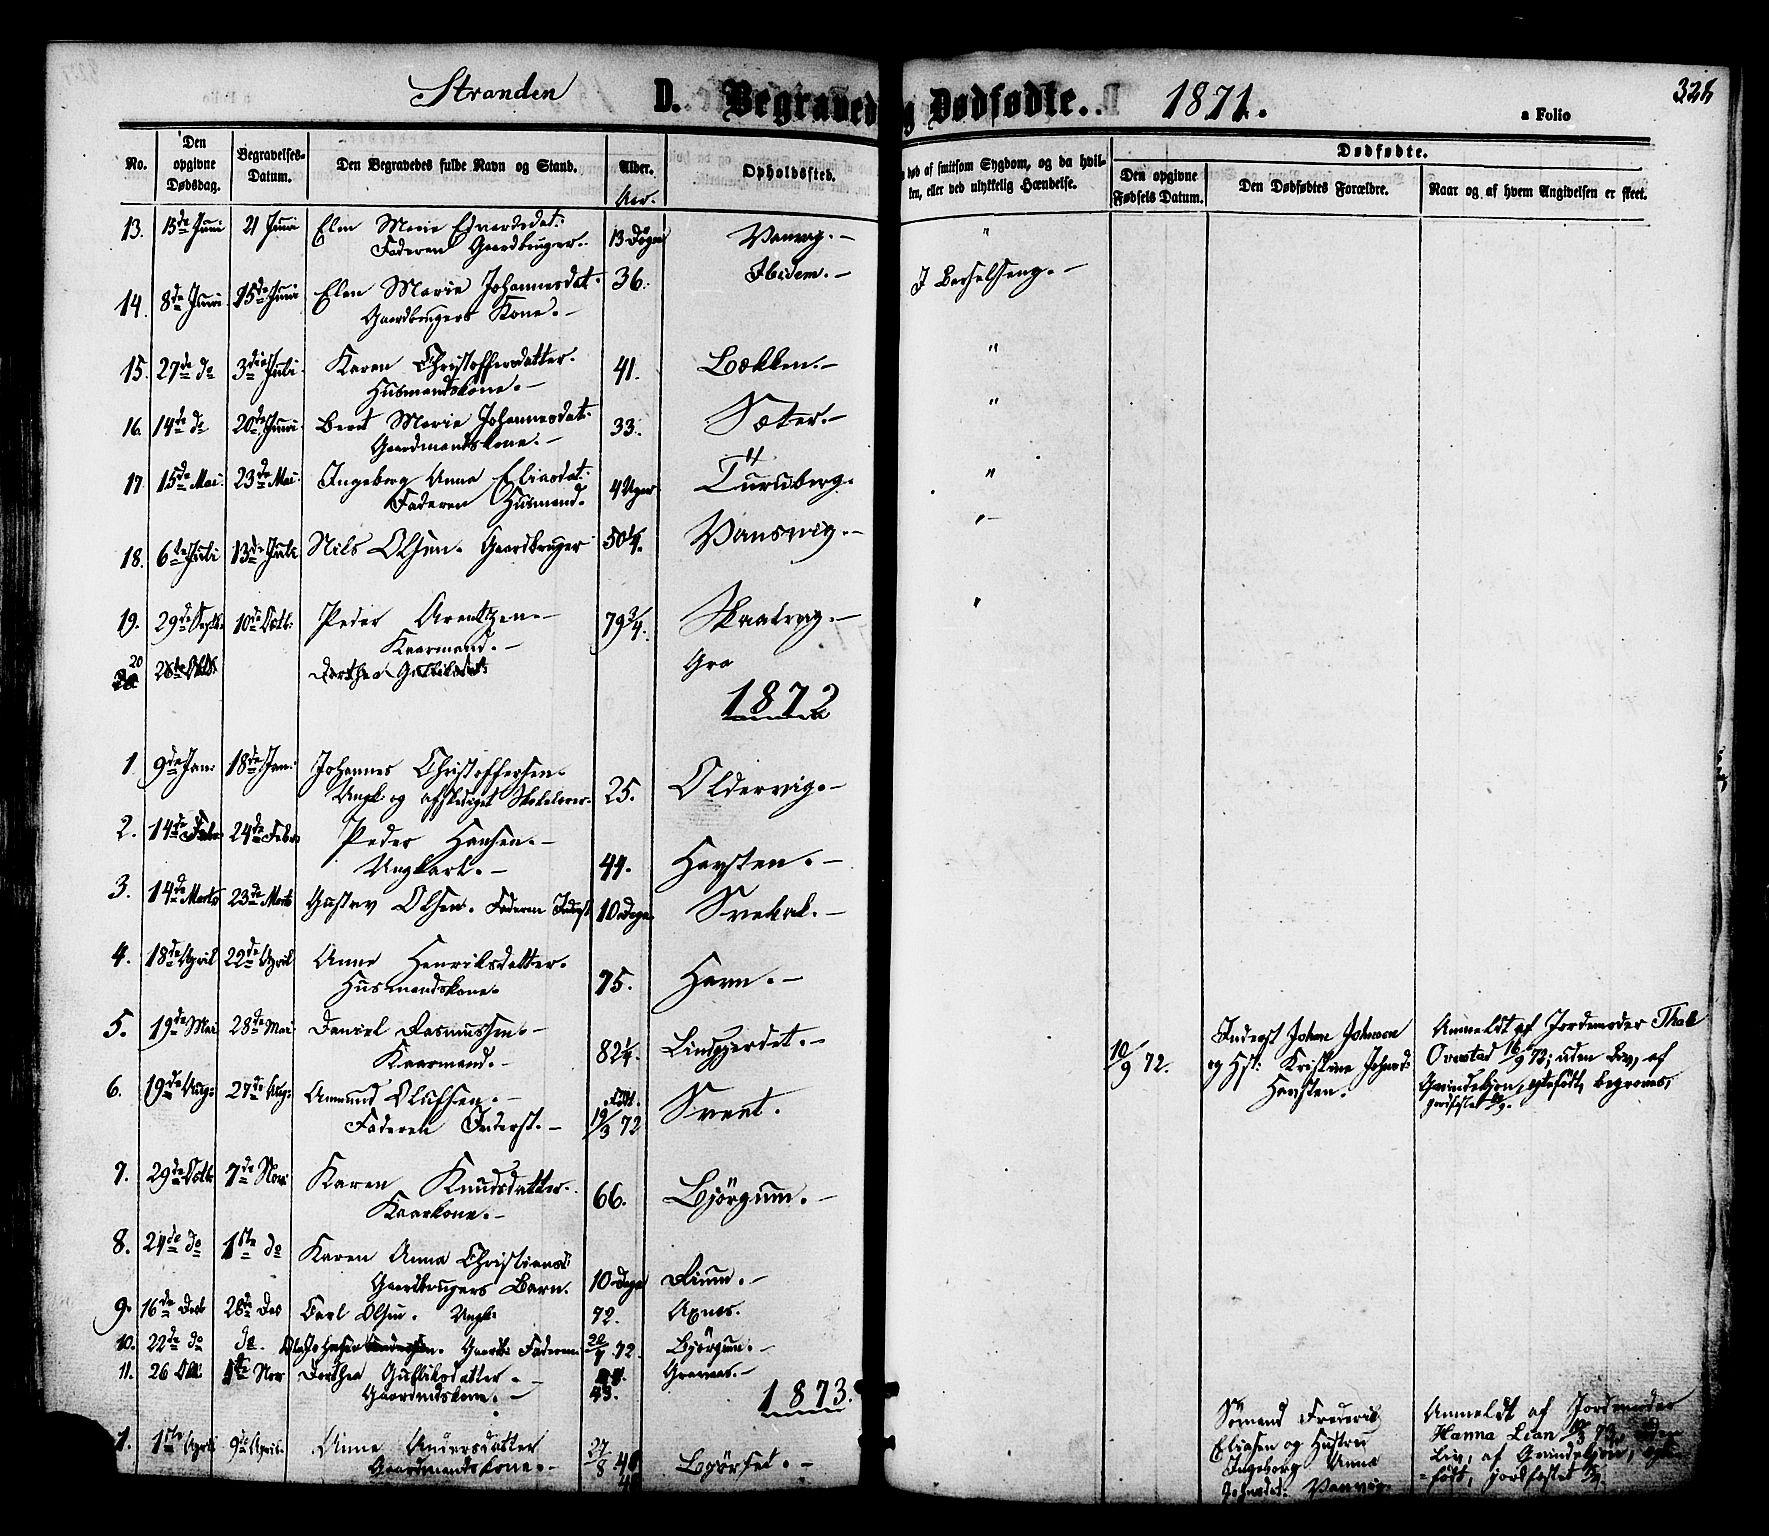 SAT, Ministerialprotokoller, klokkerbøker og fødselsregistre - Nord-Trøndelag, 701/L0009: Ministerialbok nr. 701A09 /2, 1864-1882, s. 328